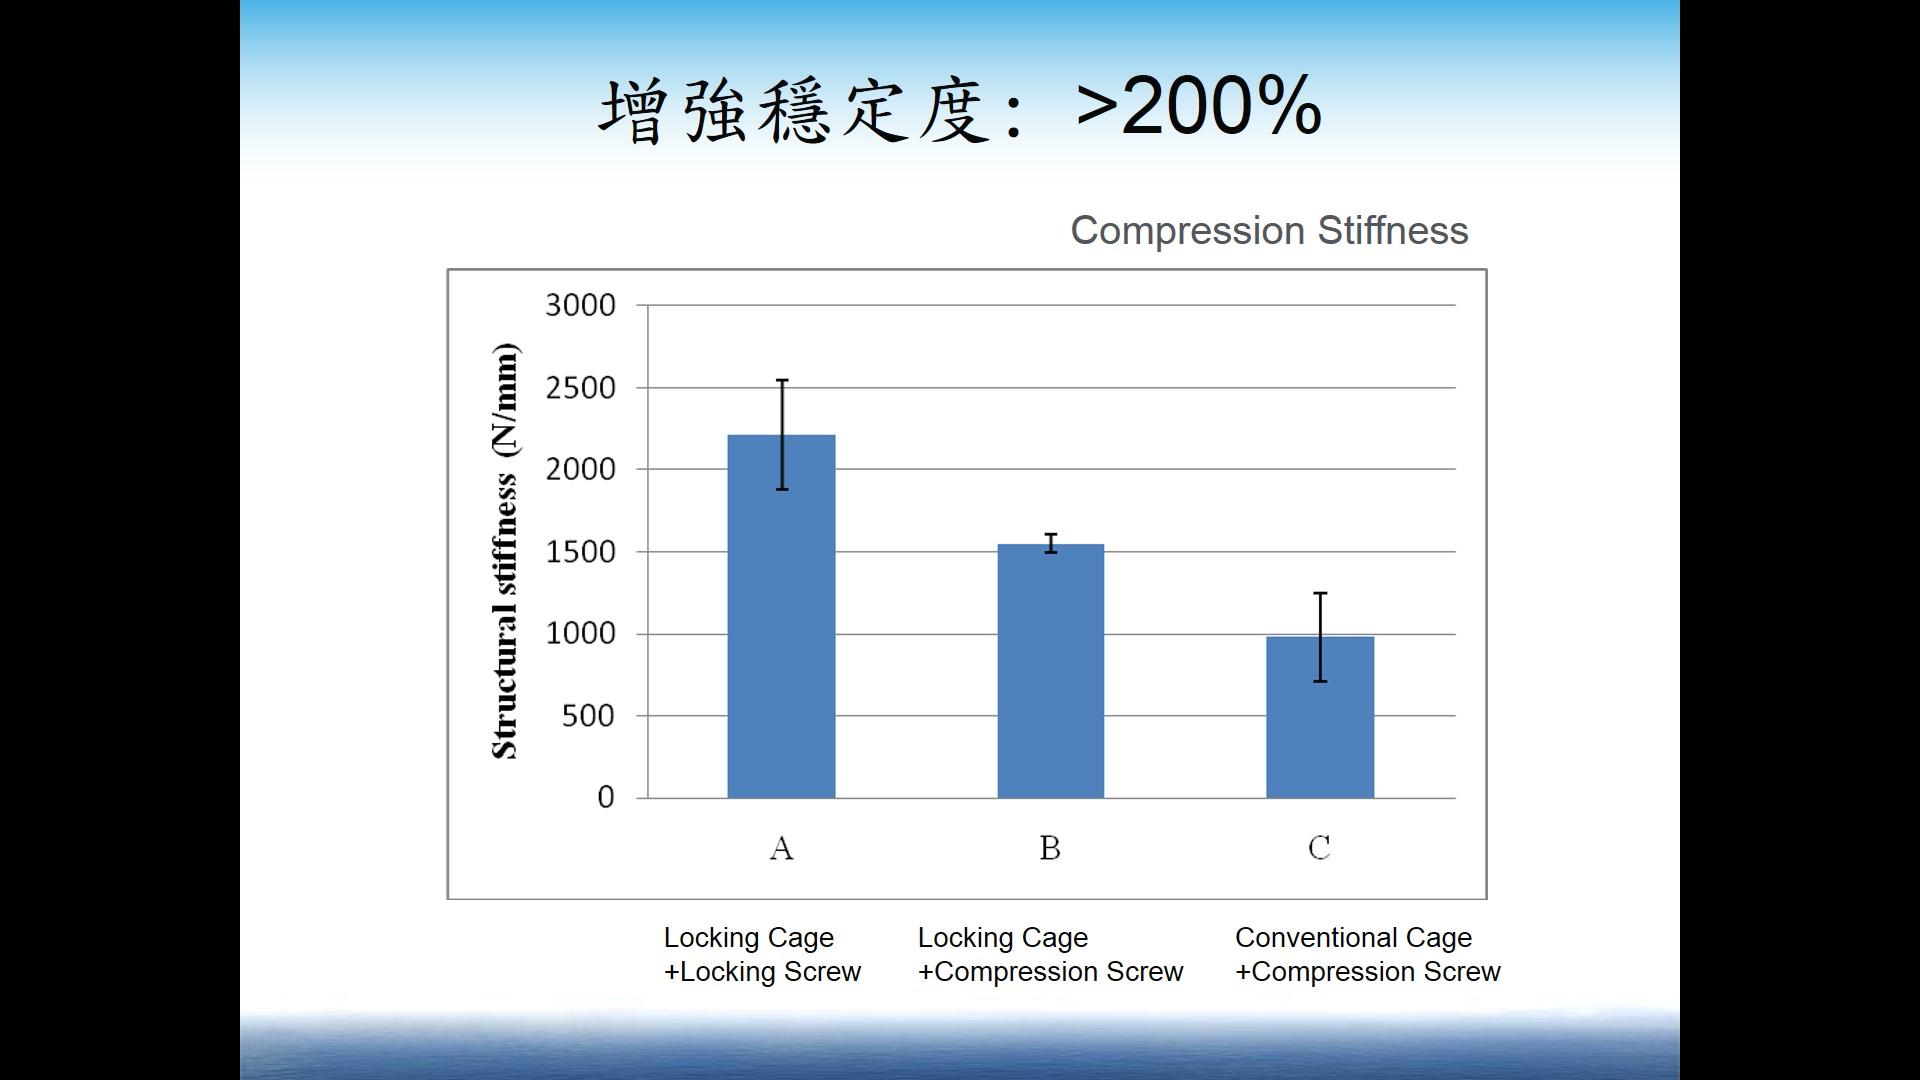 相較於傳統植入物大於200%的穩定度